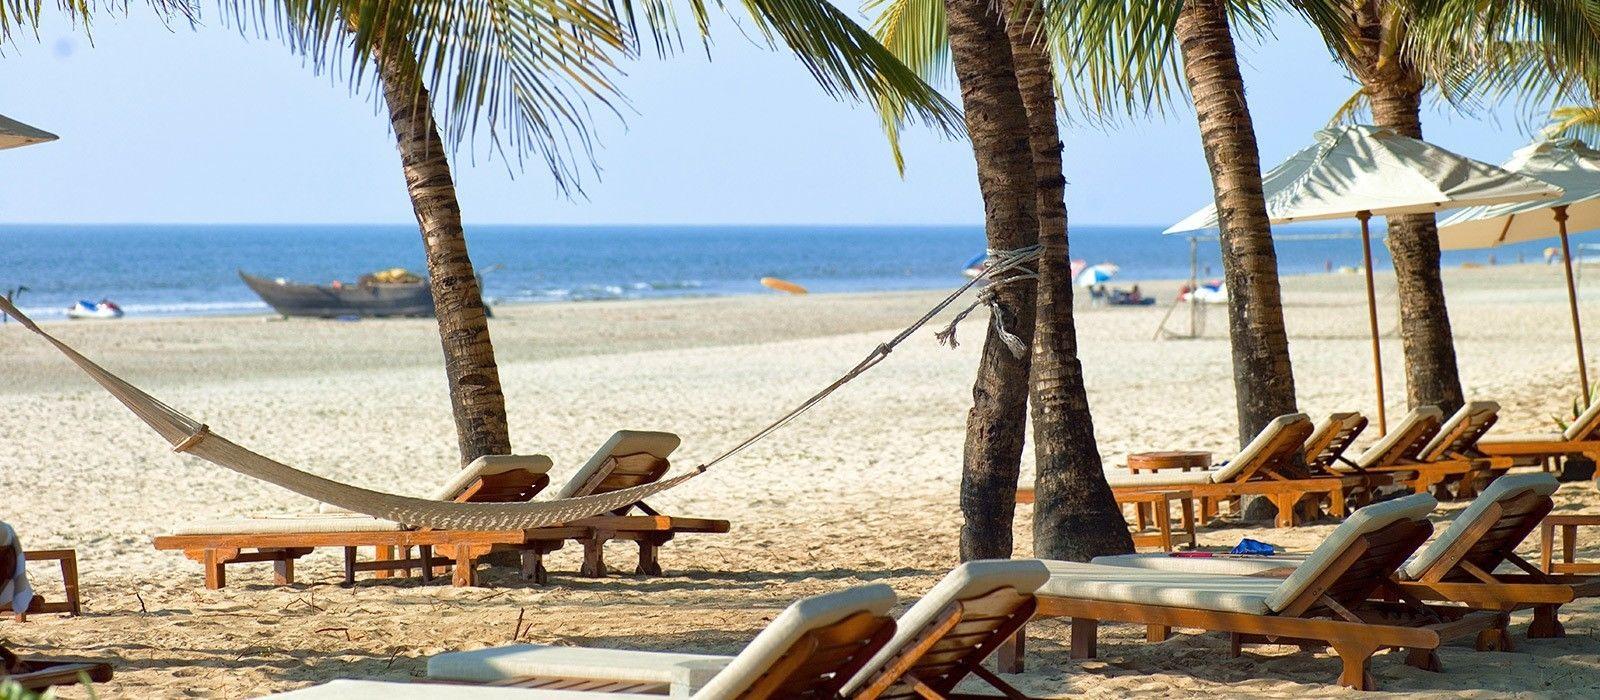 Südliches Erbe und Luxus am Strand Urlaub 5